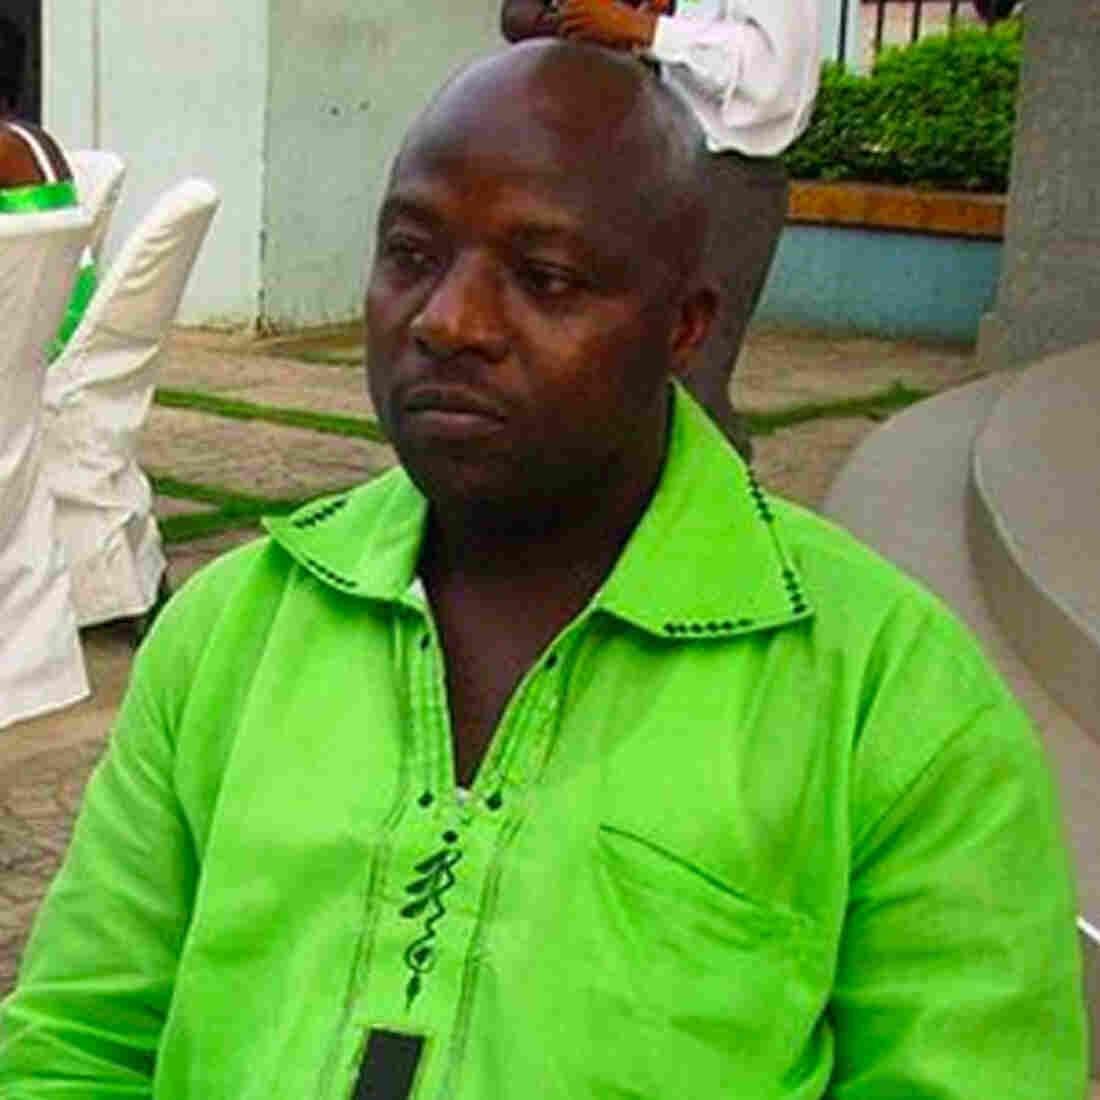 Dallas Ebola Patient Thomas Eric Duncan Has Died